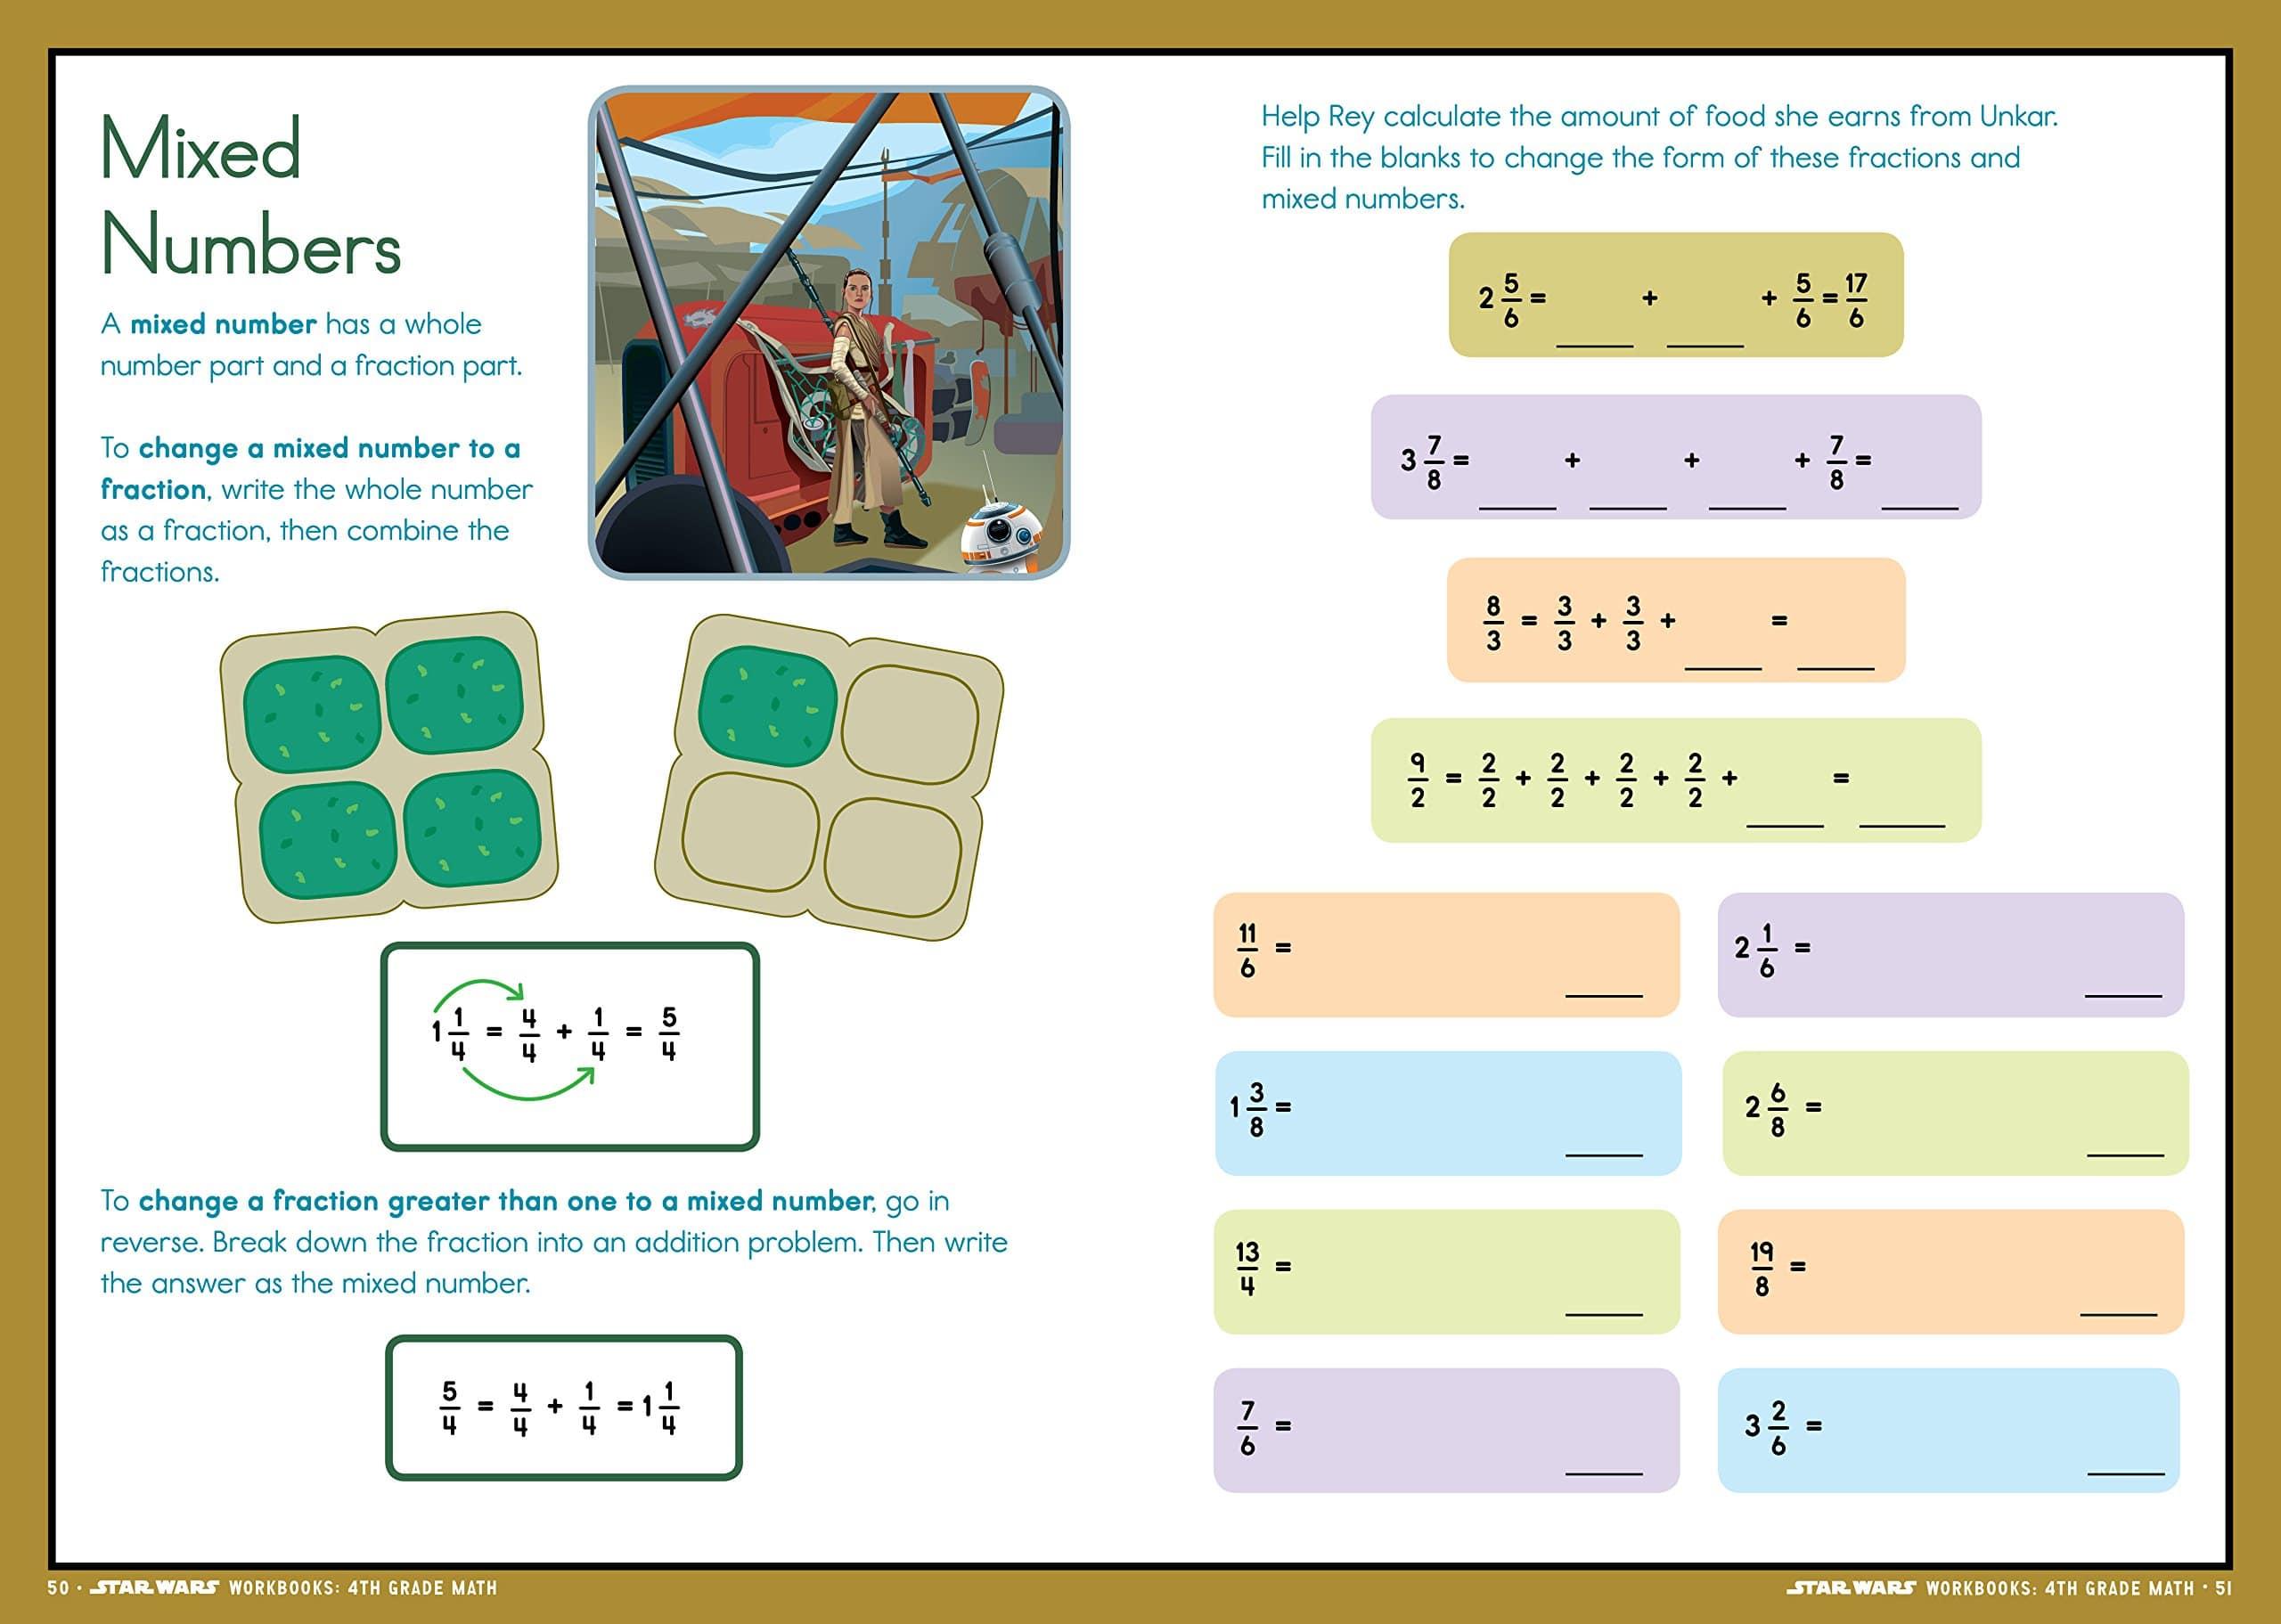 Star Wars Workbook 4th Grade Math